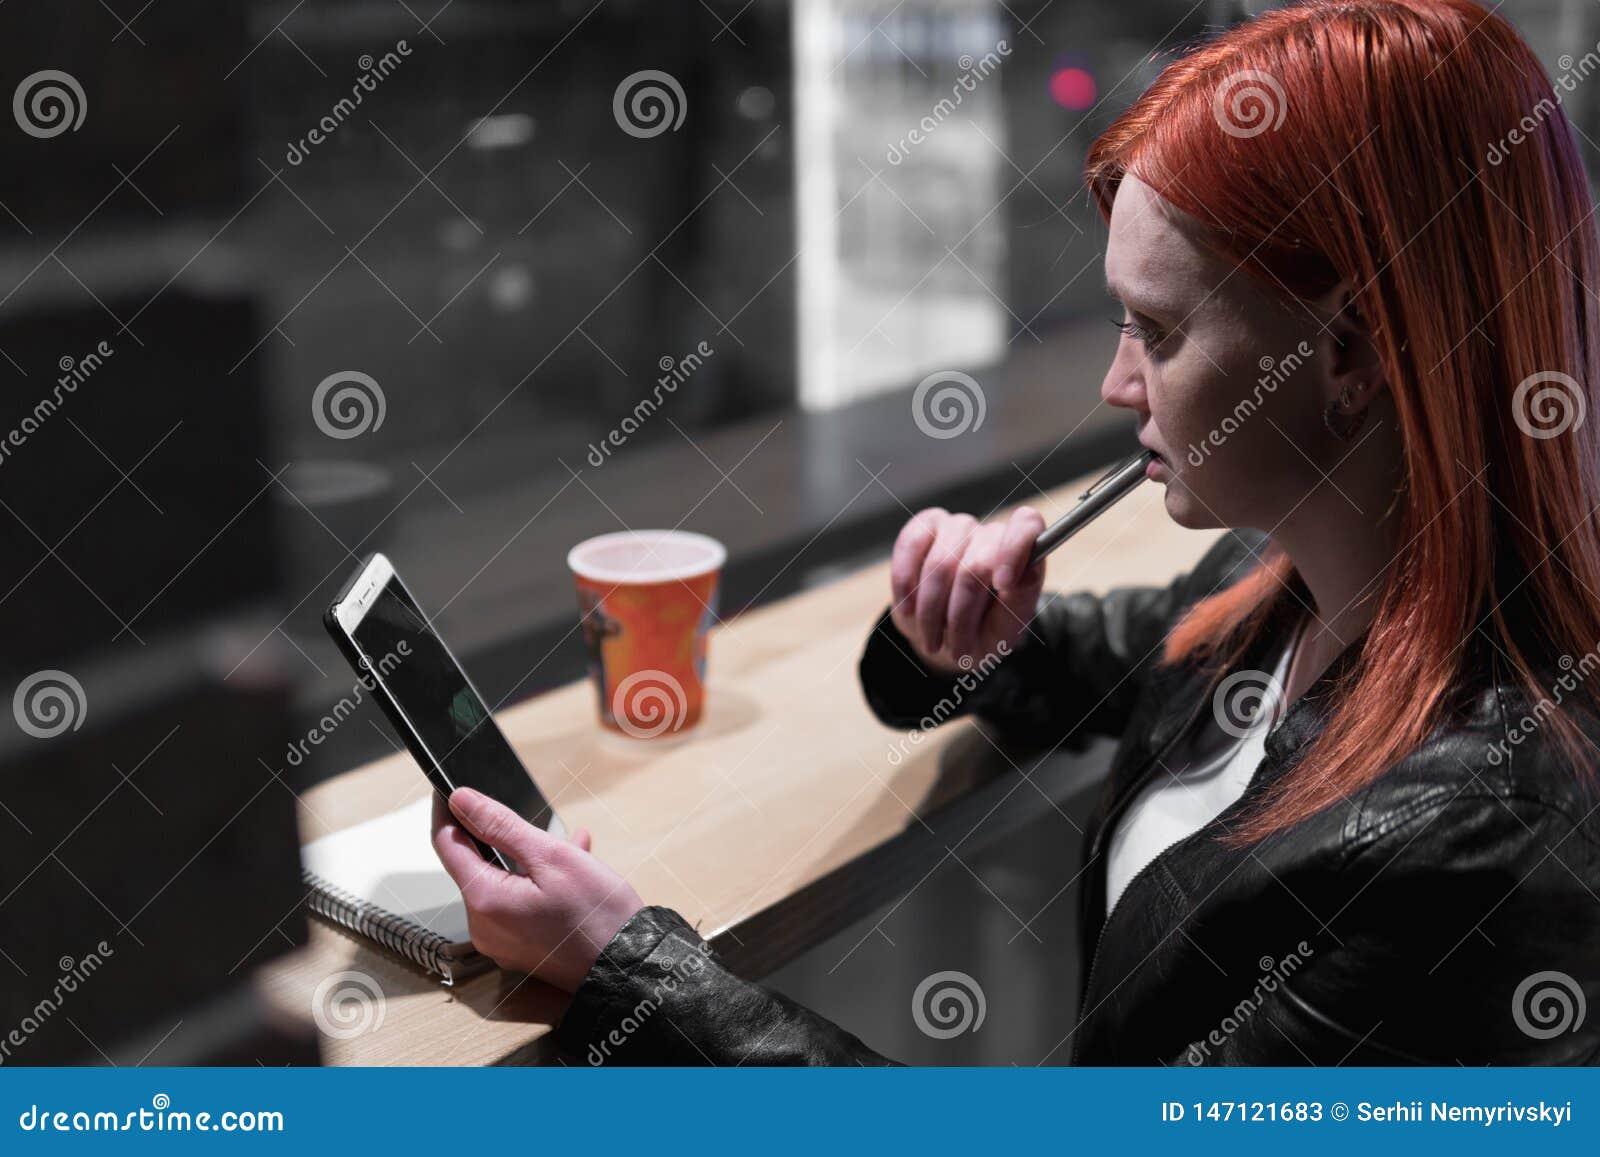 Flickainnehavsmartphonen i hand, sitter i kaf?t, arbete, pennan, bruksgrej N?tverk wifi, samkv?m, kommunikation Freelancerarbeten